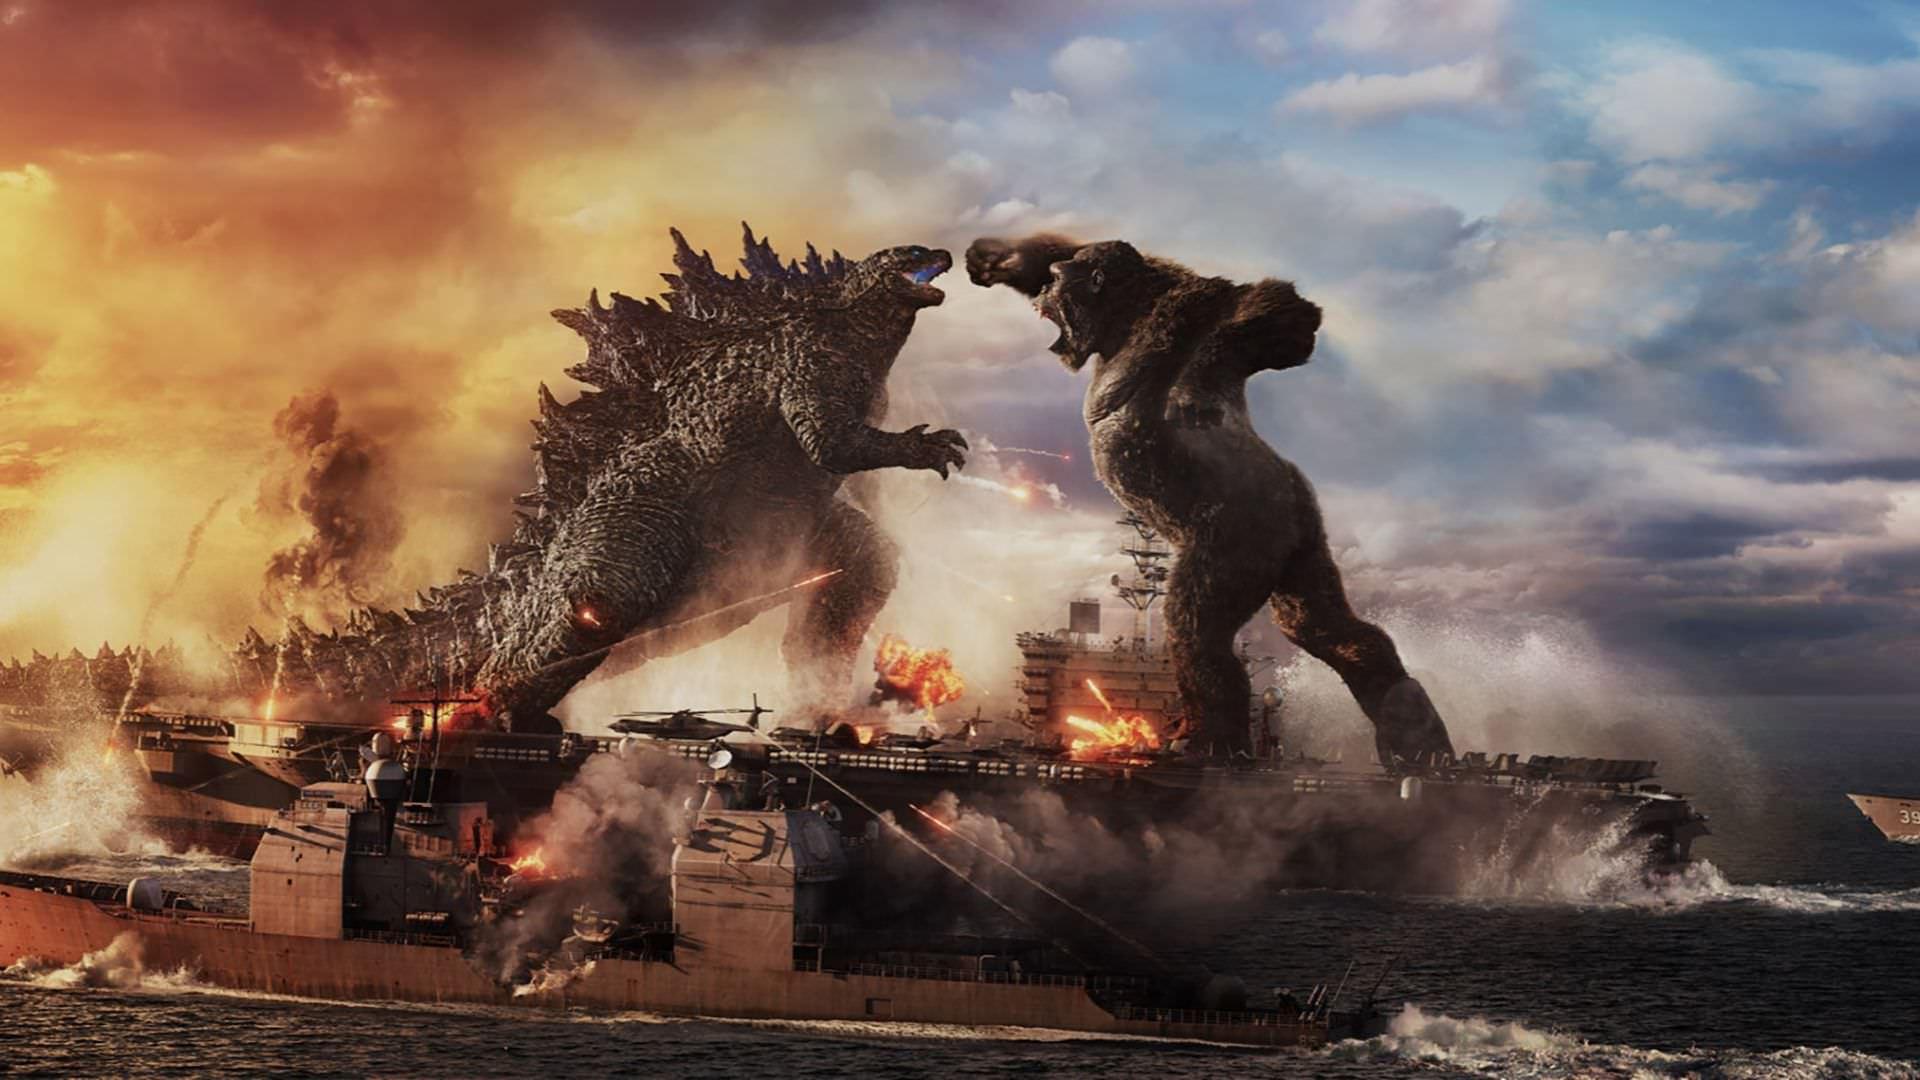 فیلم 2021 Godzilla vs Kong